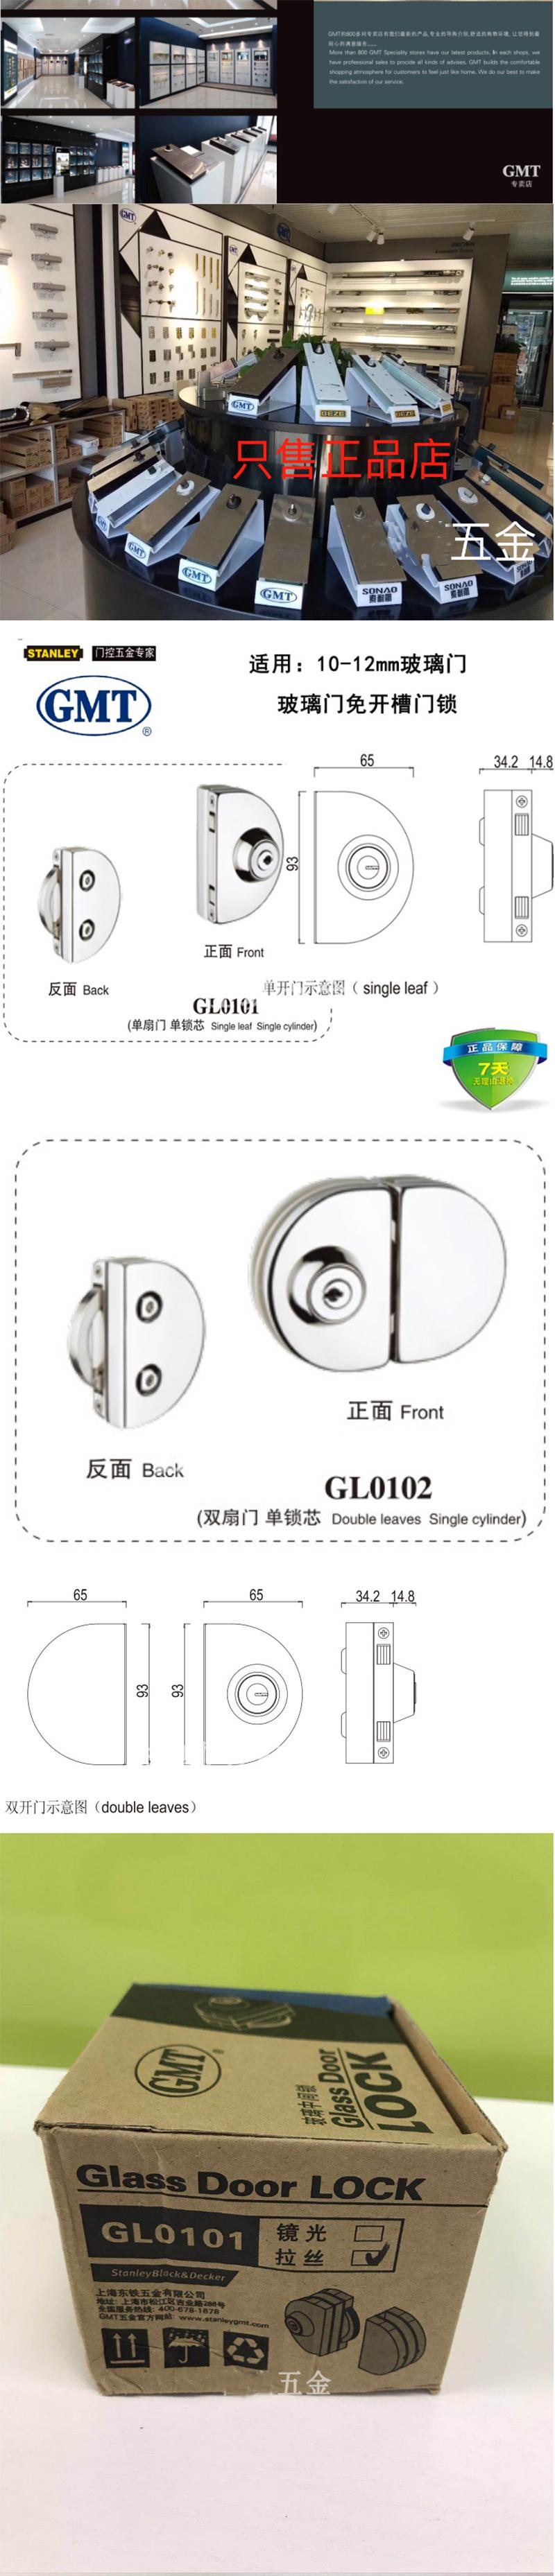 GMT304玻璃门锁 GL0102免开槽玻璃门锁